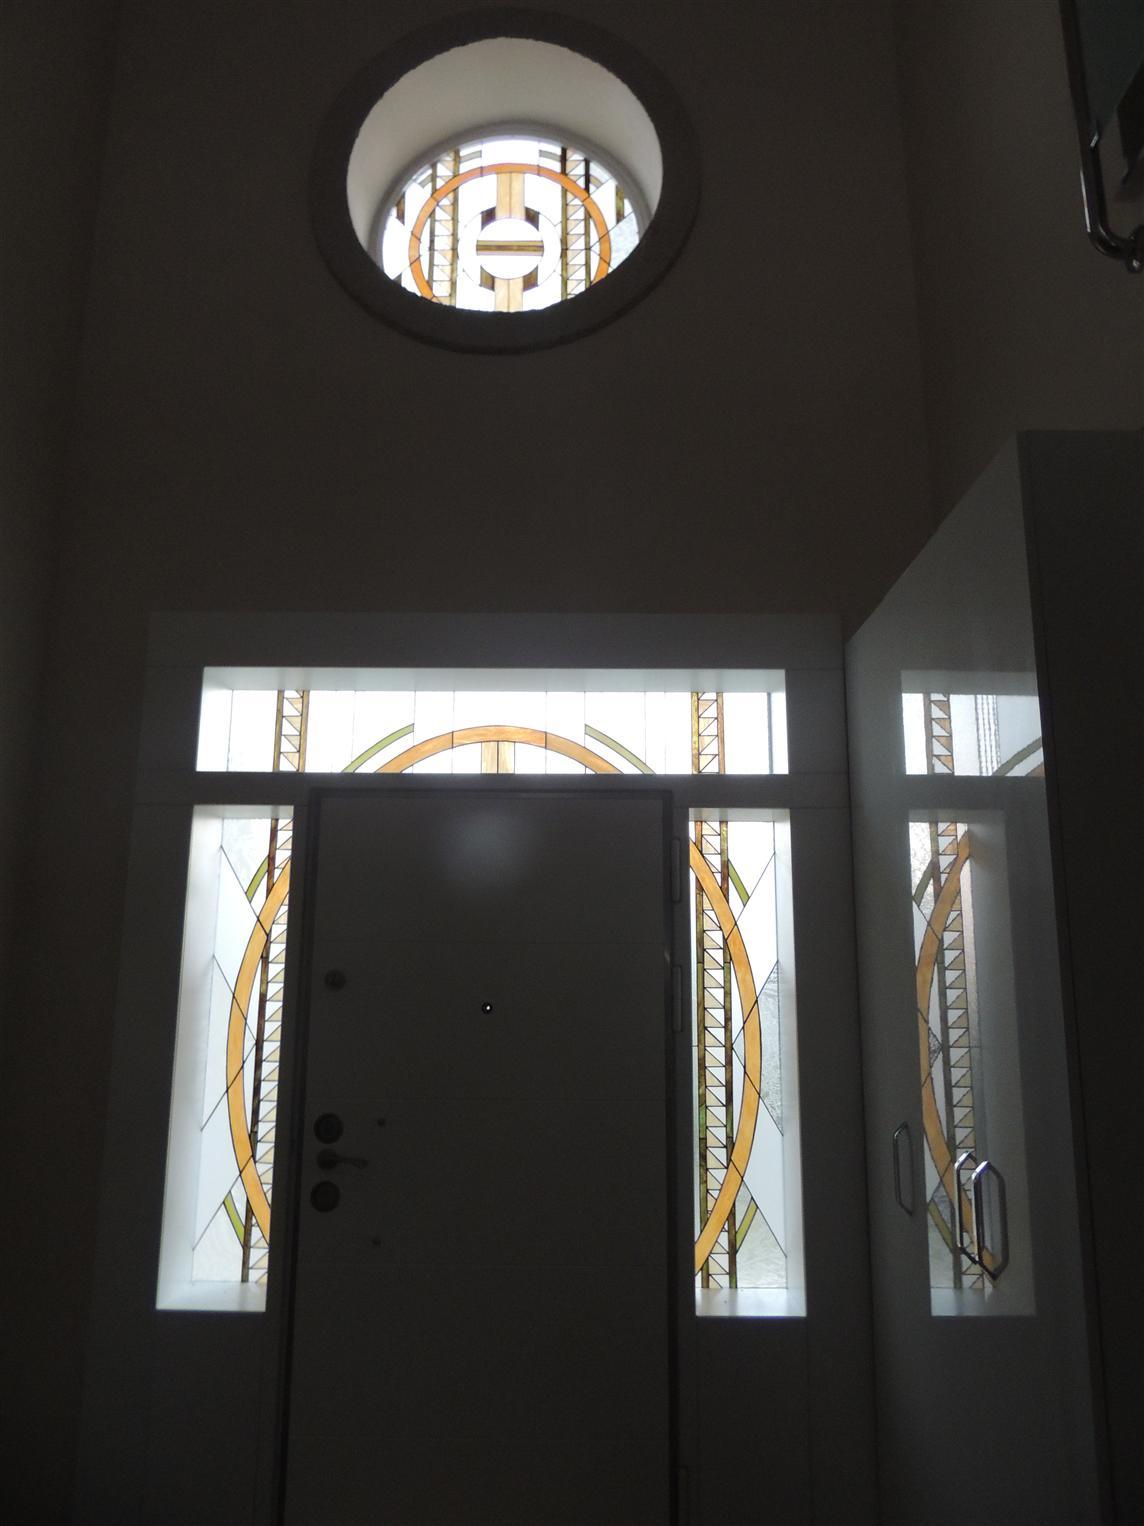 izka-insaat-life-port-evleri2015921164858243.jpg izmir vitray çalışması